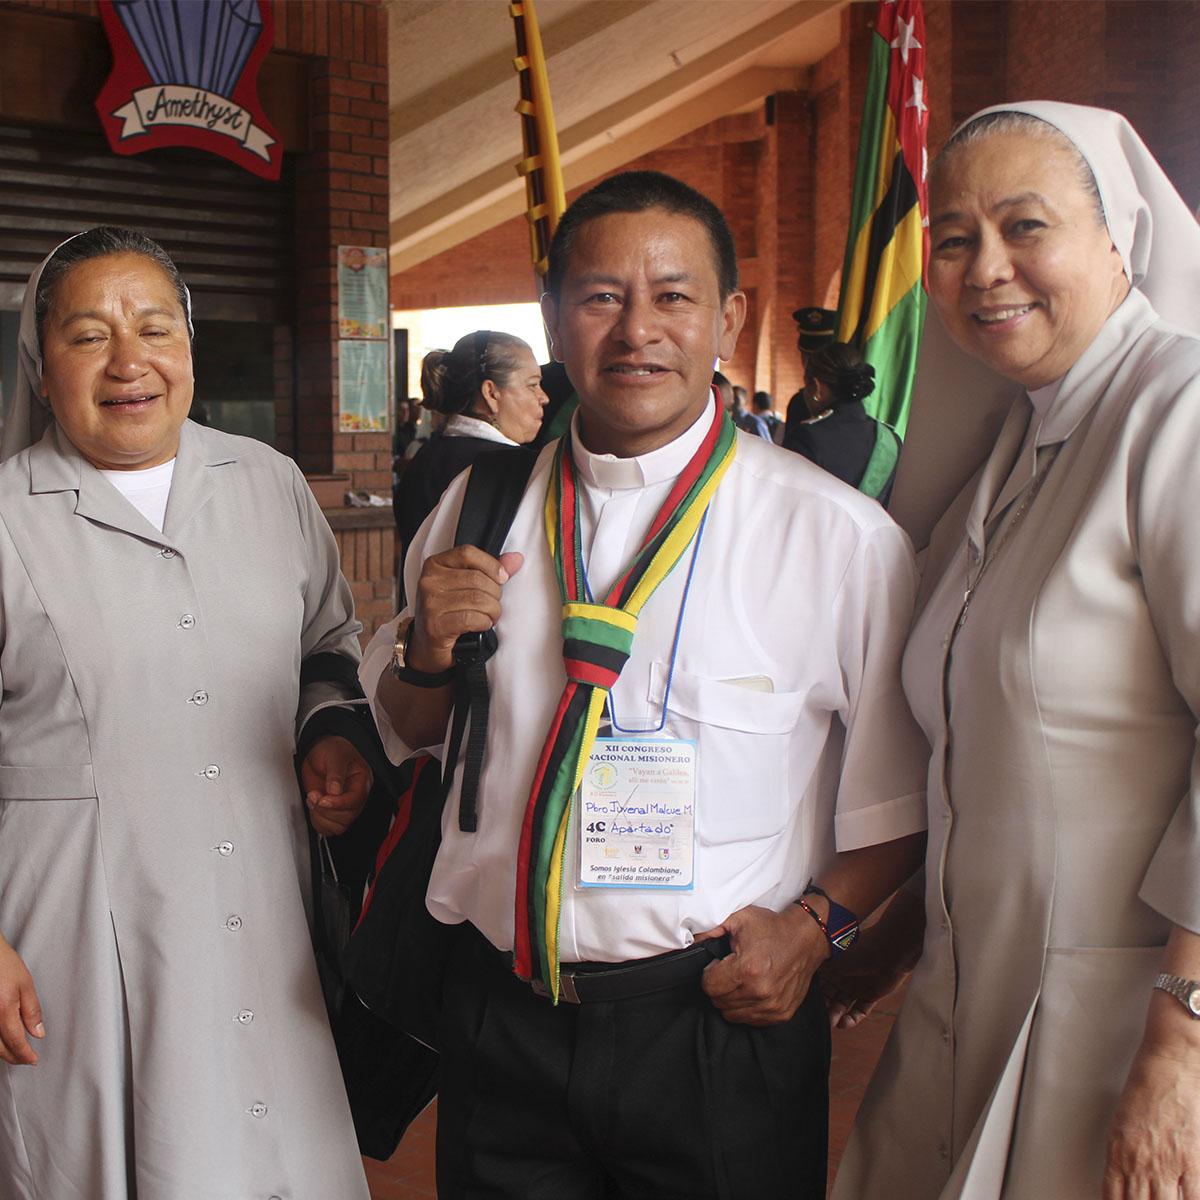 Congreso Misioneras Nacional 2016